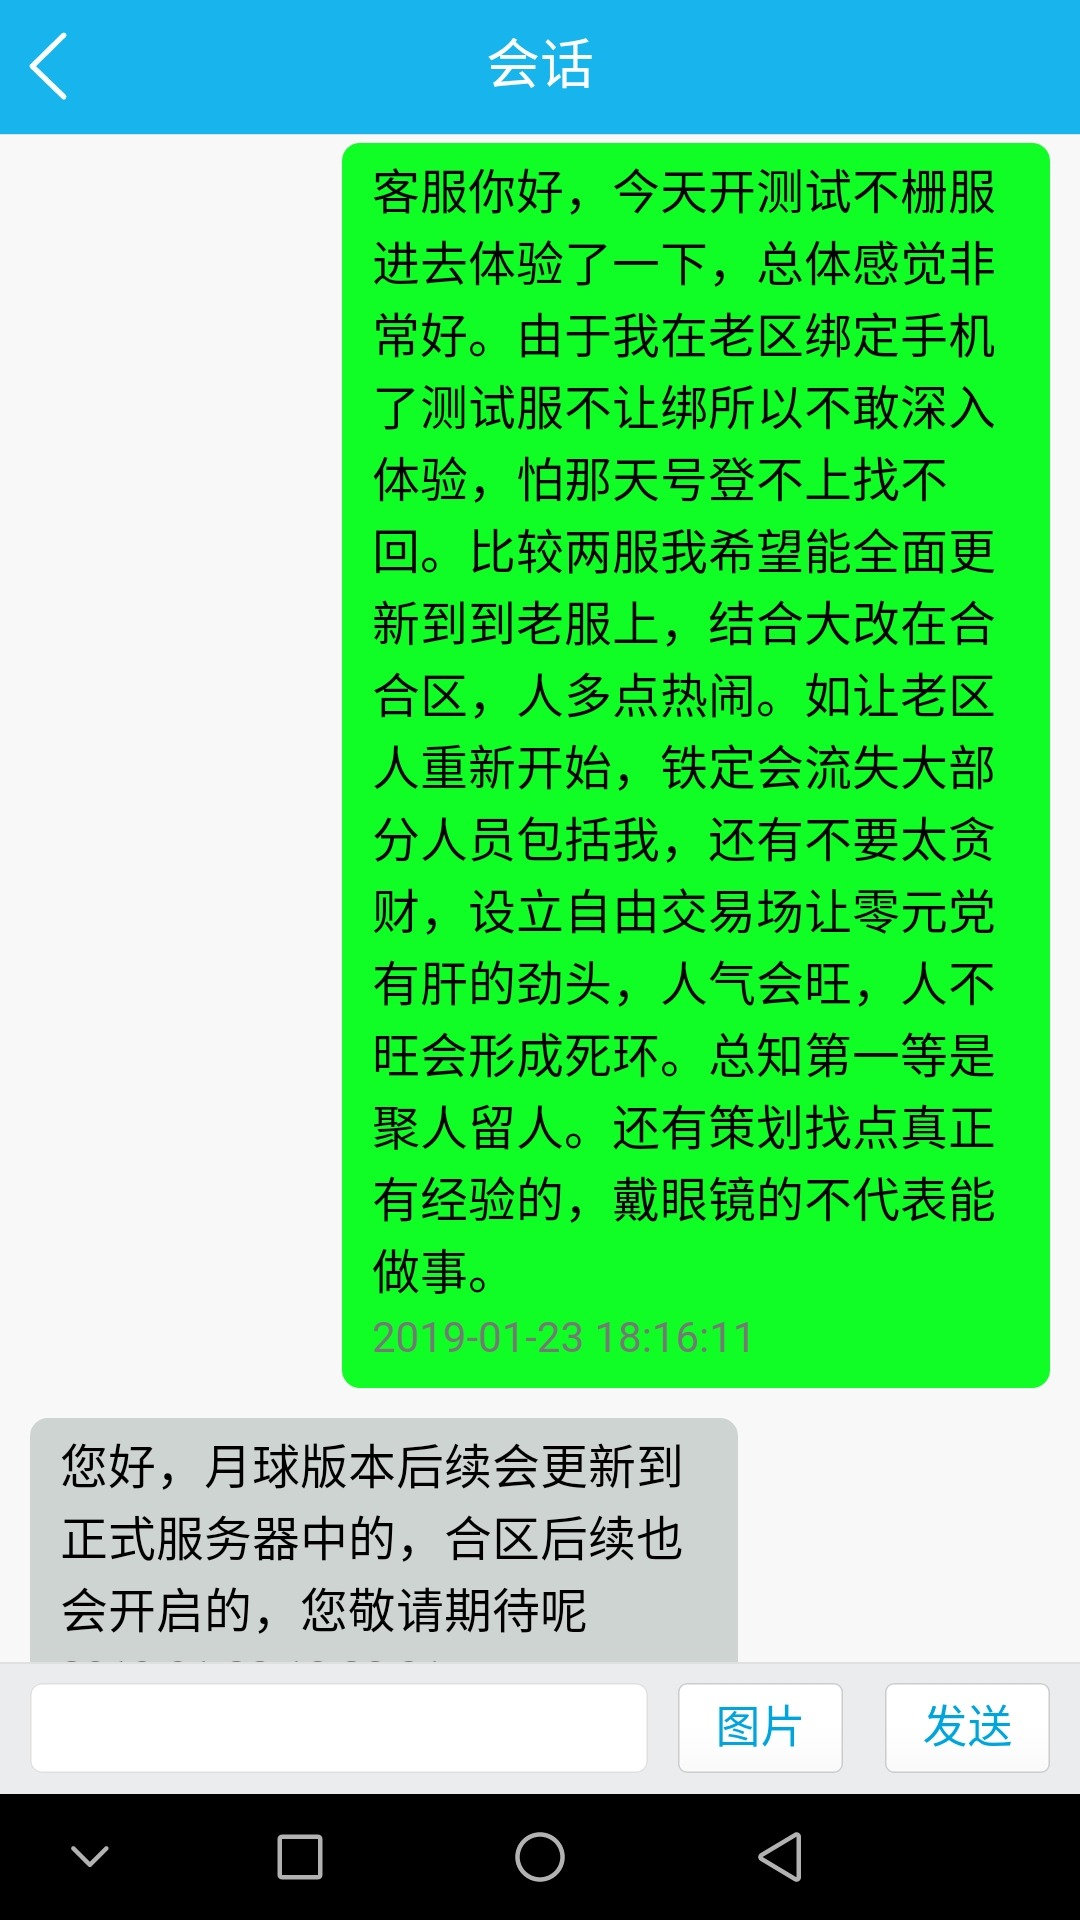 Screenshot_20190124-194010.jpg